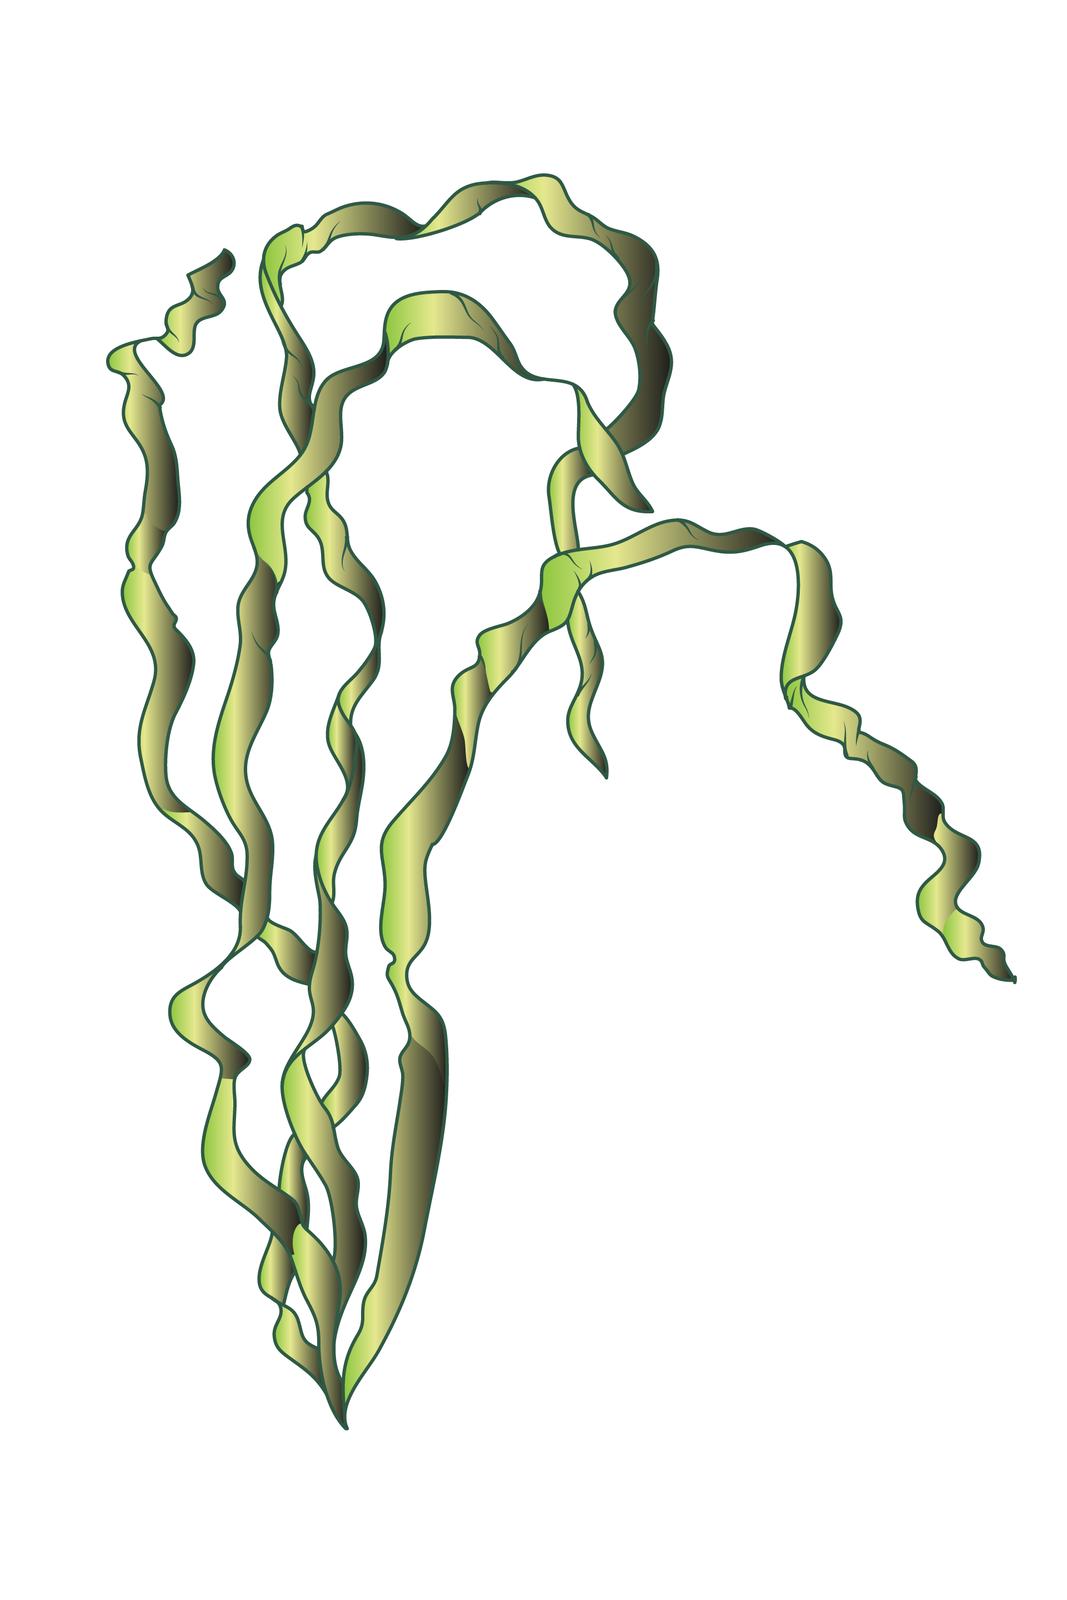 Ilustracja przedstawia trzy zielone, długie, skręcone wstęgi. Wyrastają zjednego miejsca udołu. To glon zgrupy zielenic.